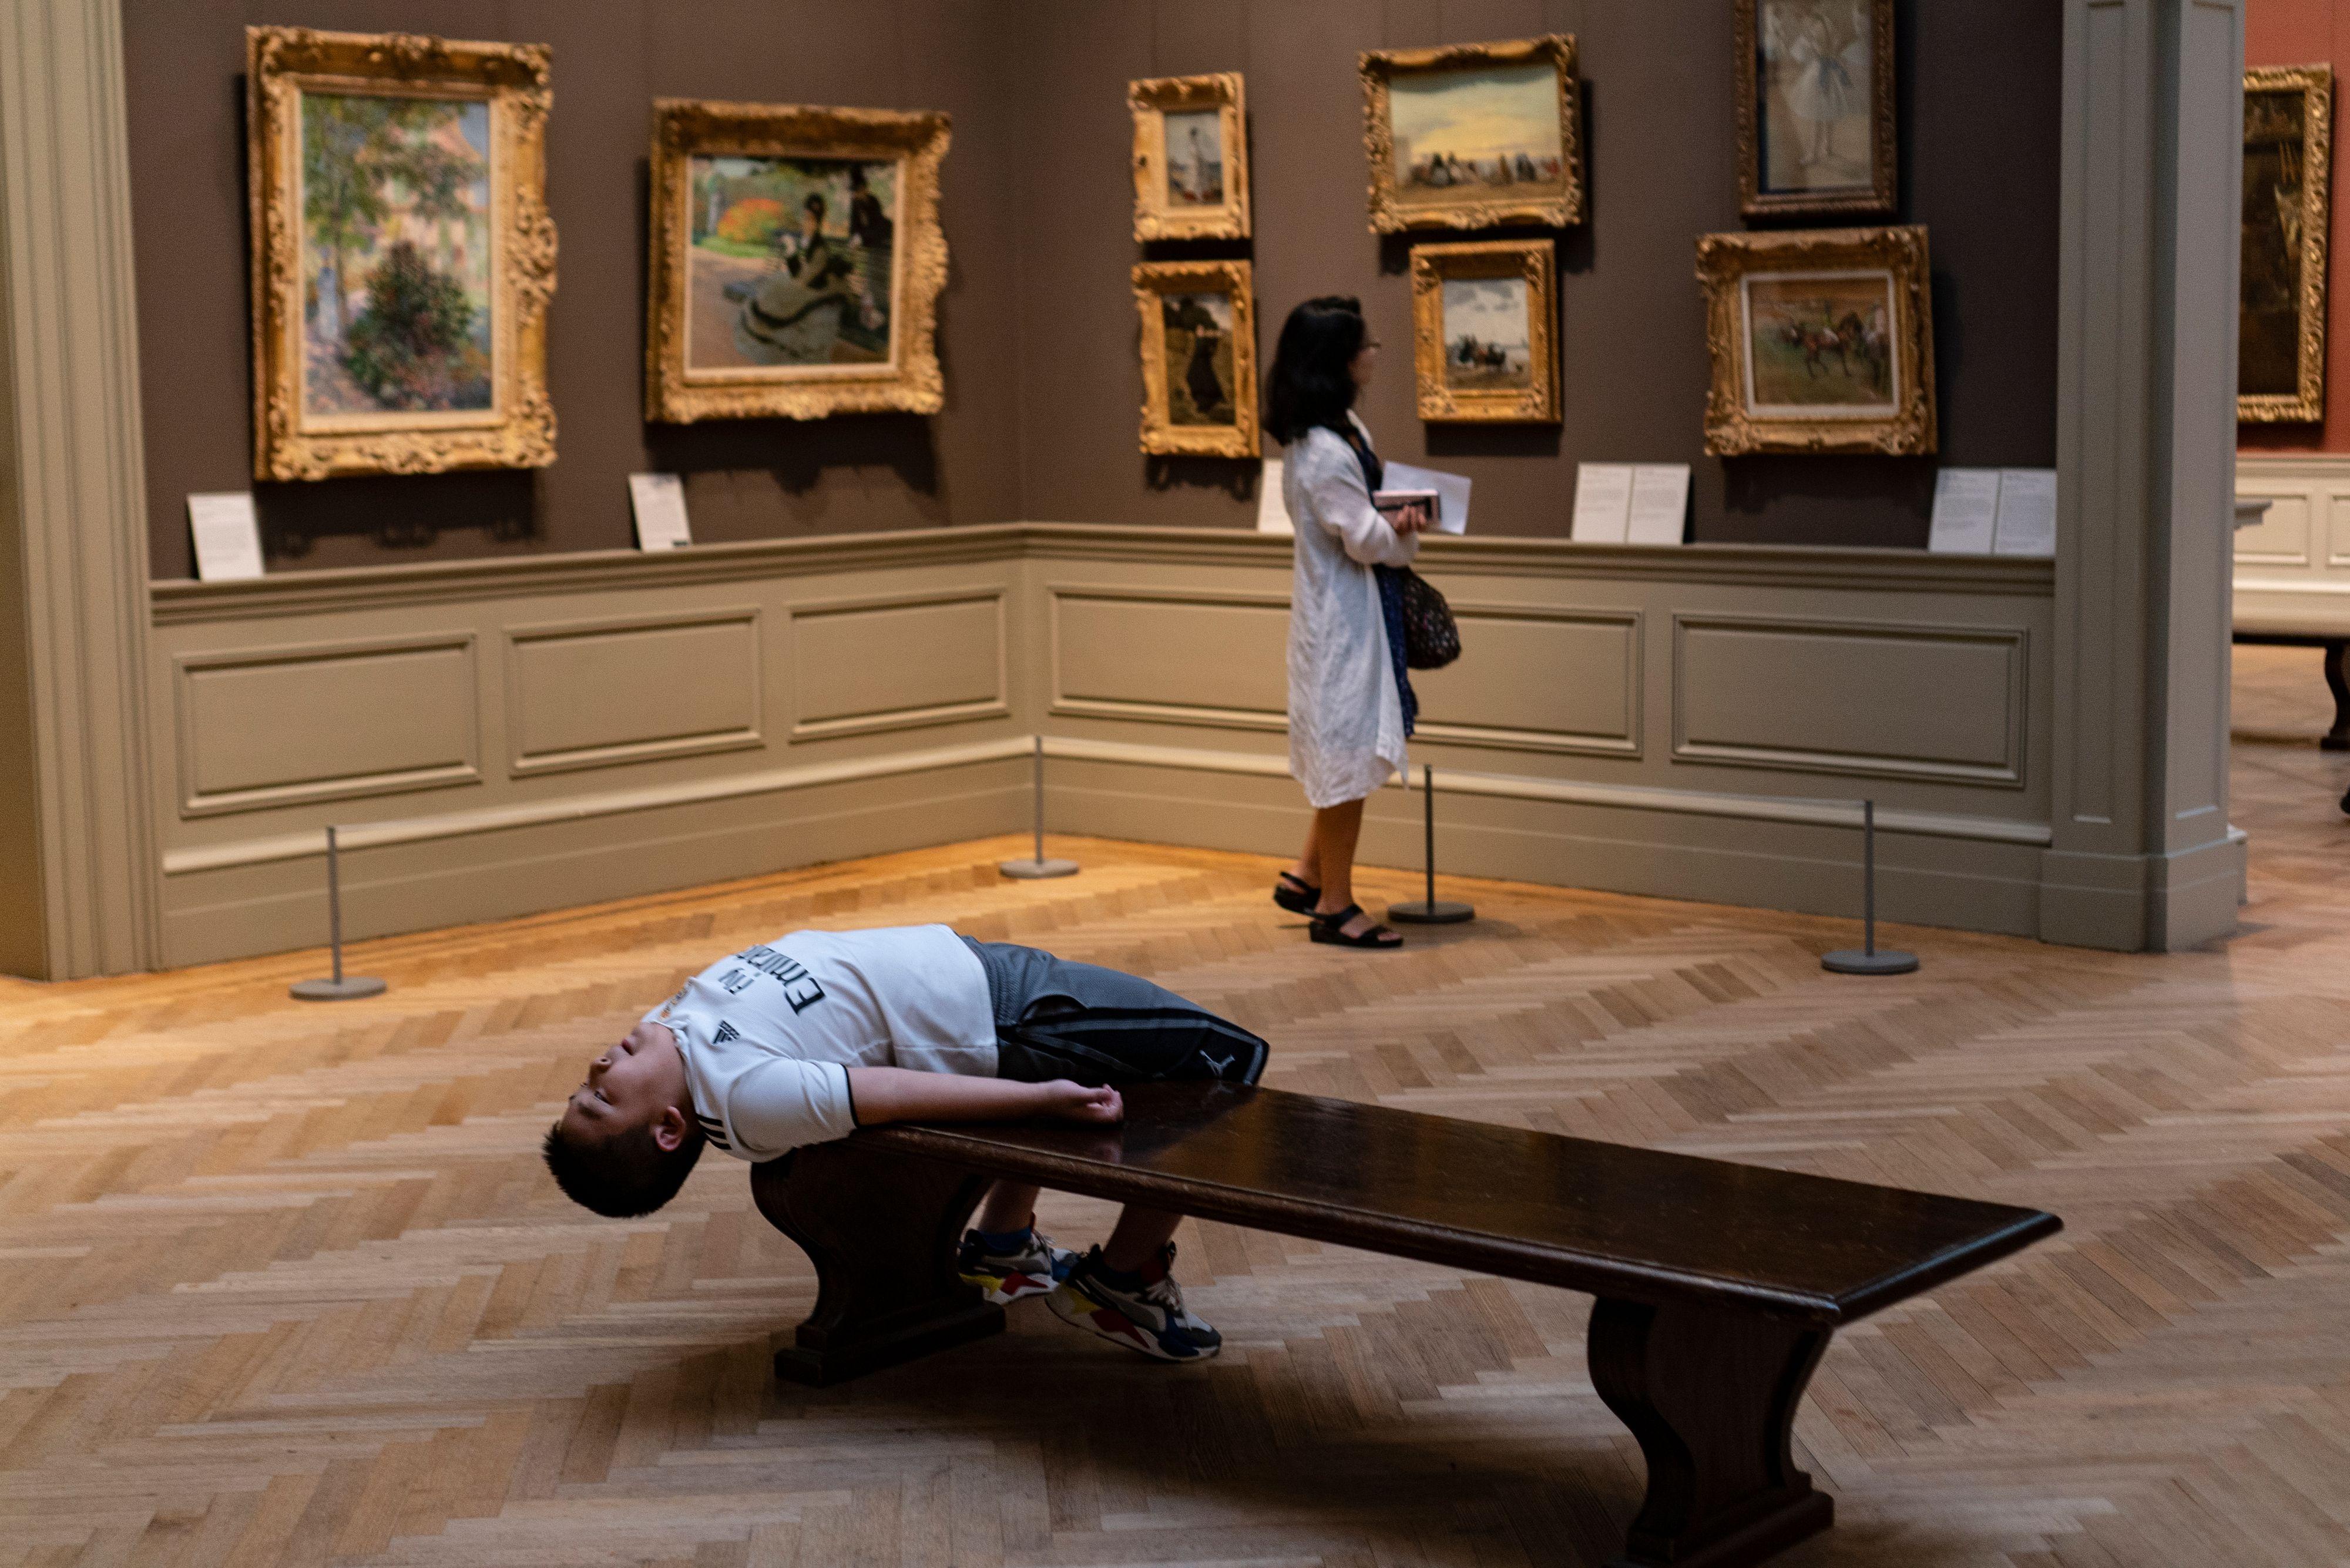 Metropolitan Museum of Art: New York